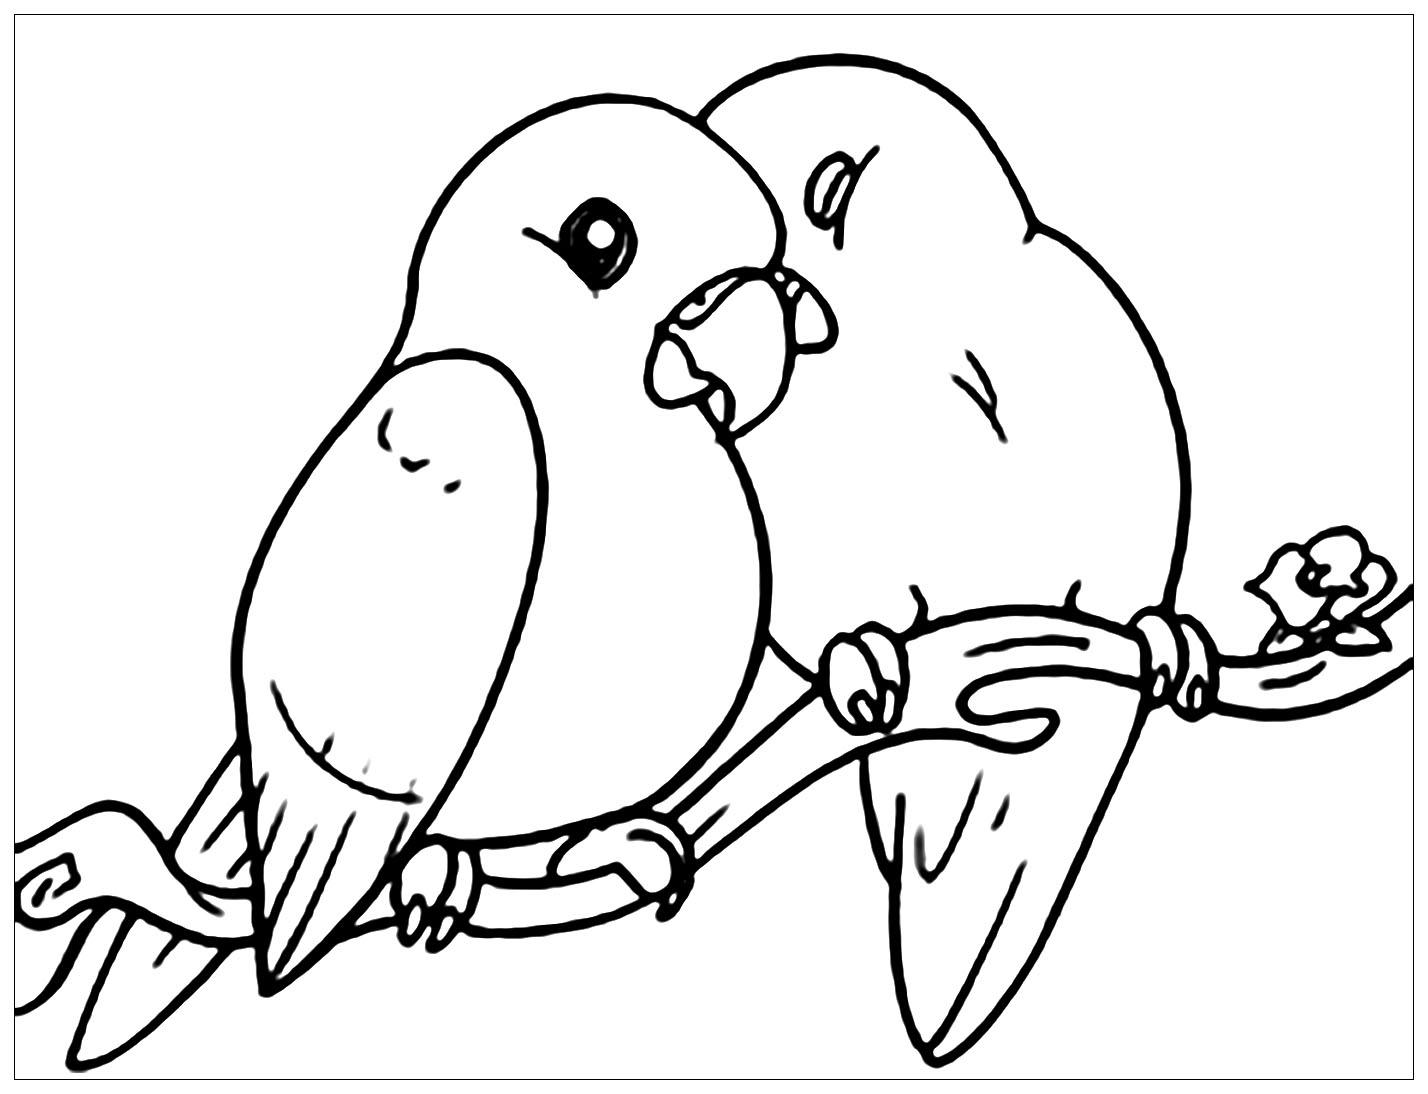 Tranh tô màu đôi chim cực đẹp